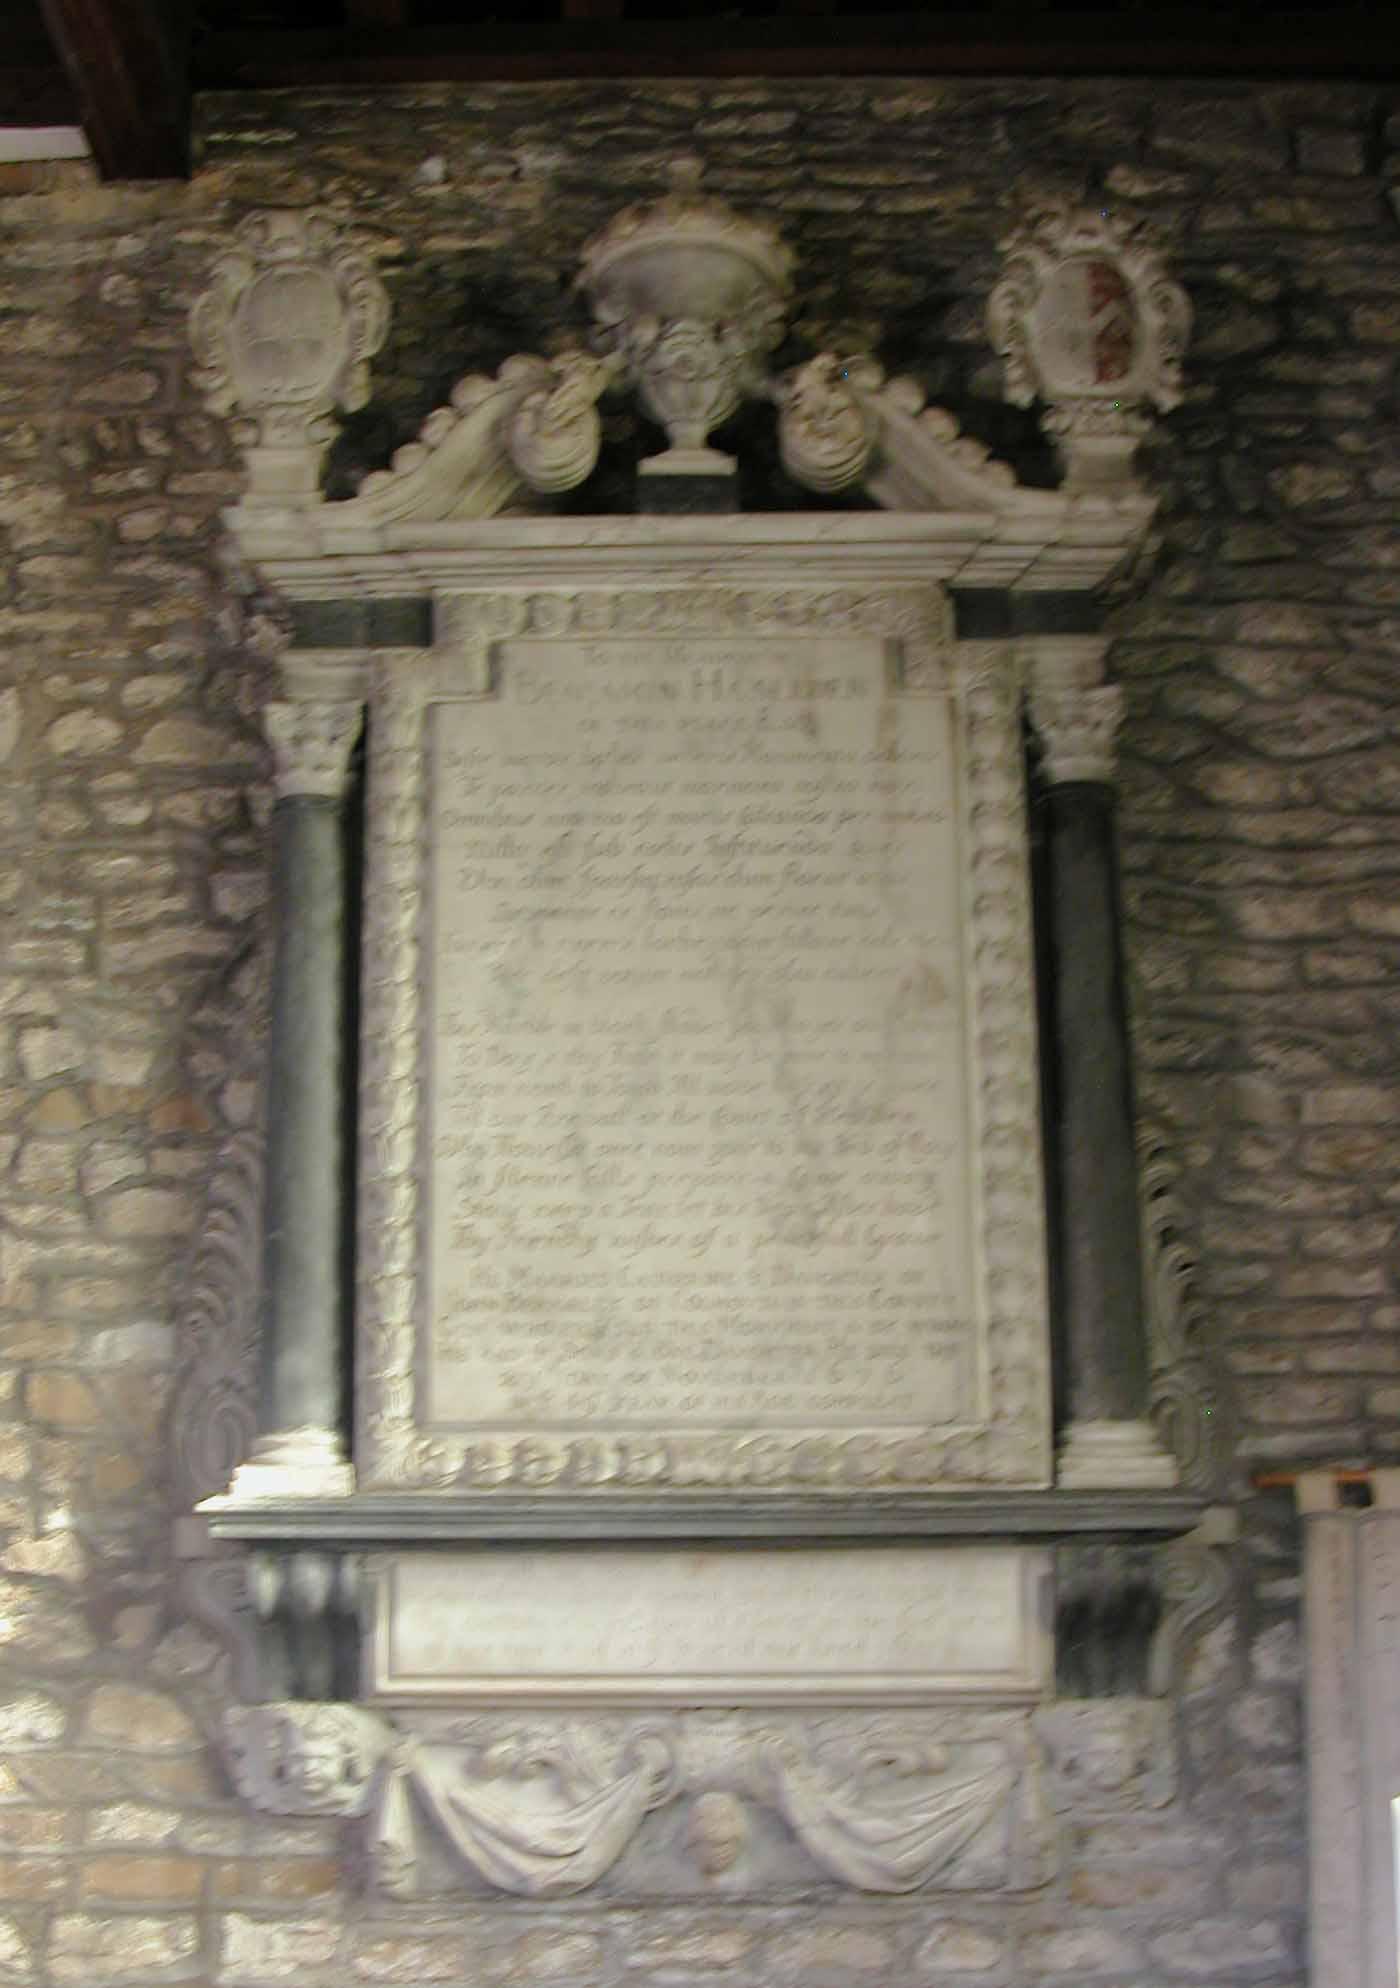 Haselden Memorial